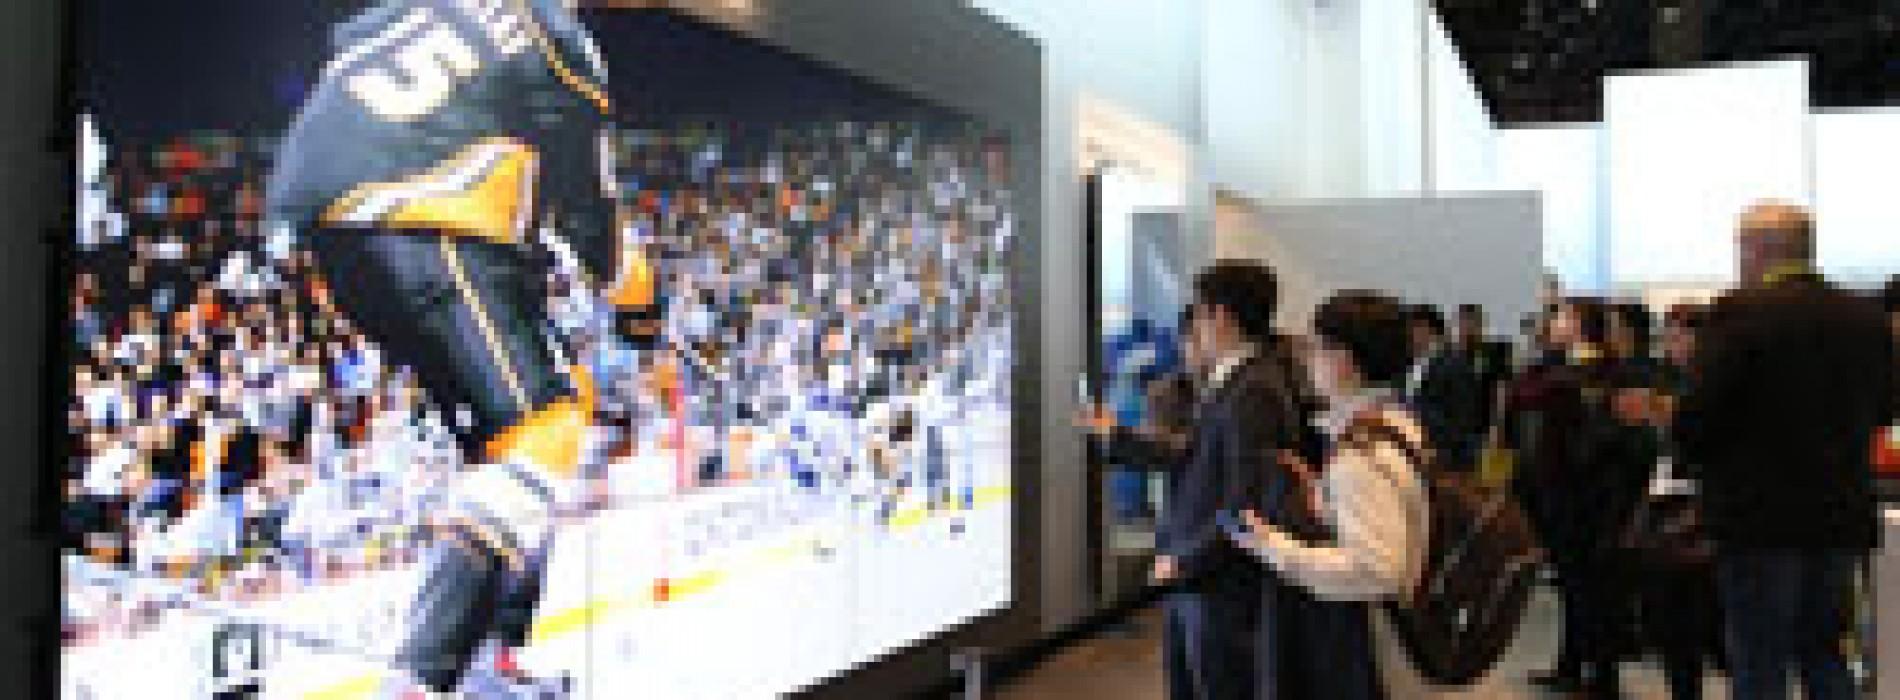 Video wall lo último en monitores y tecnologías de señalización